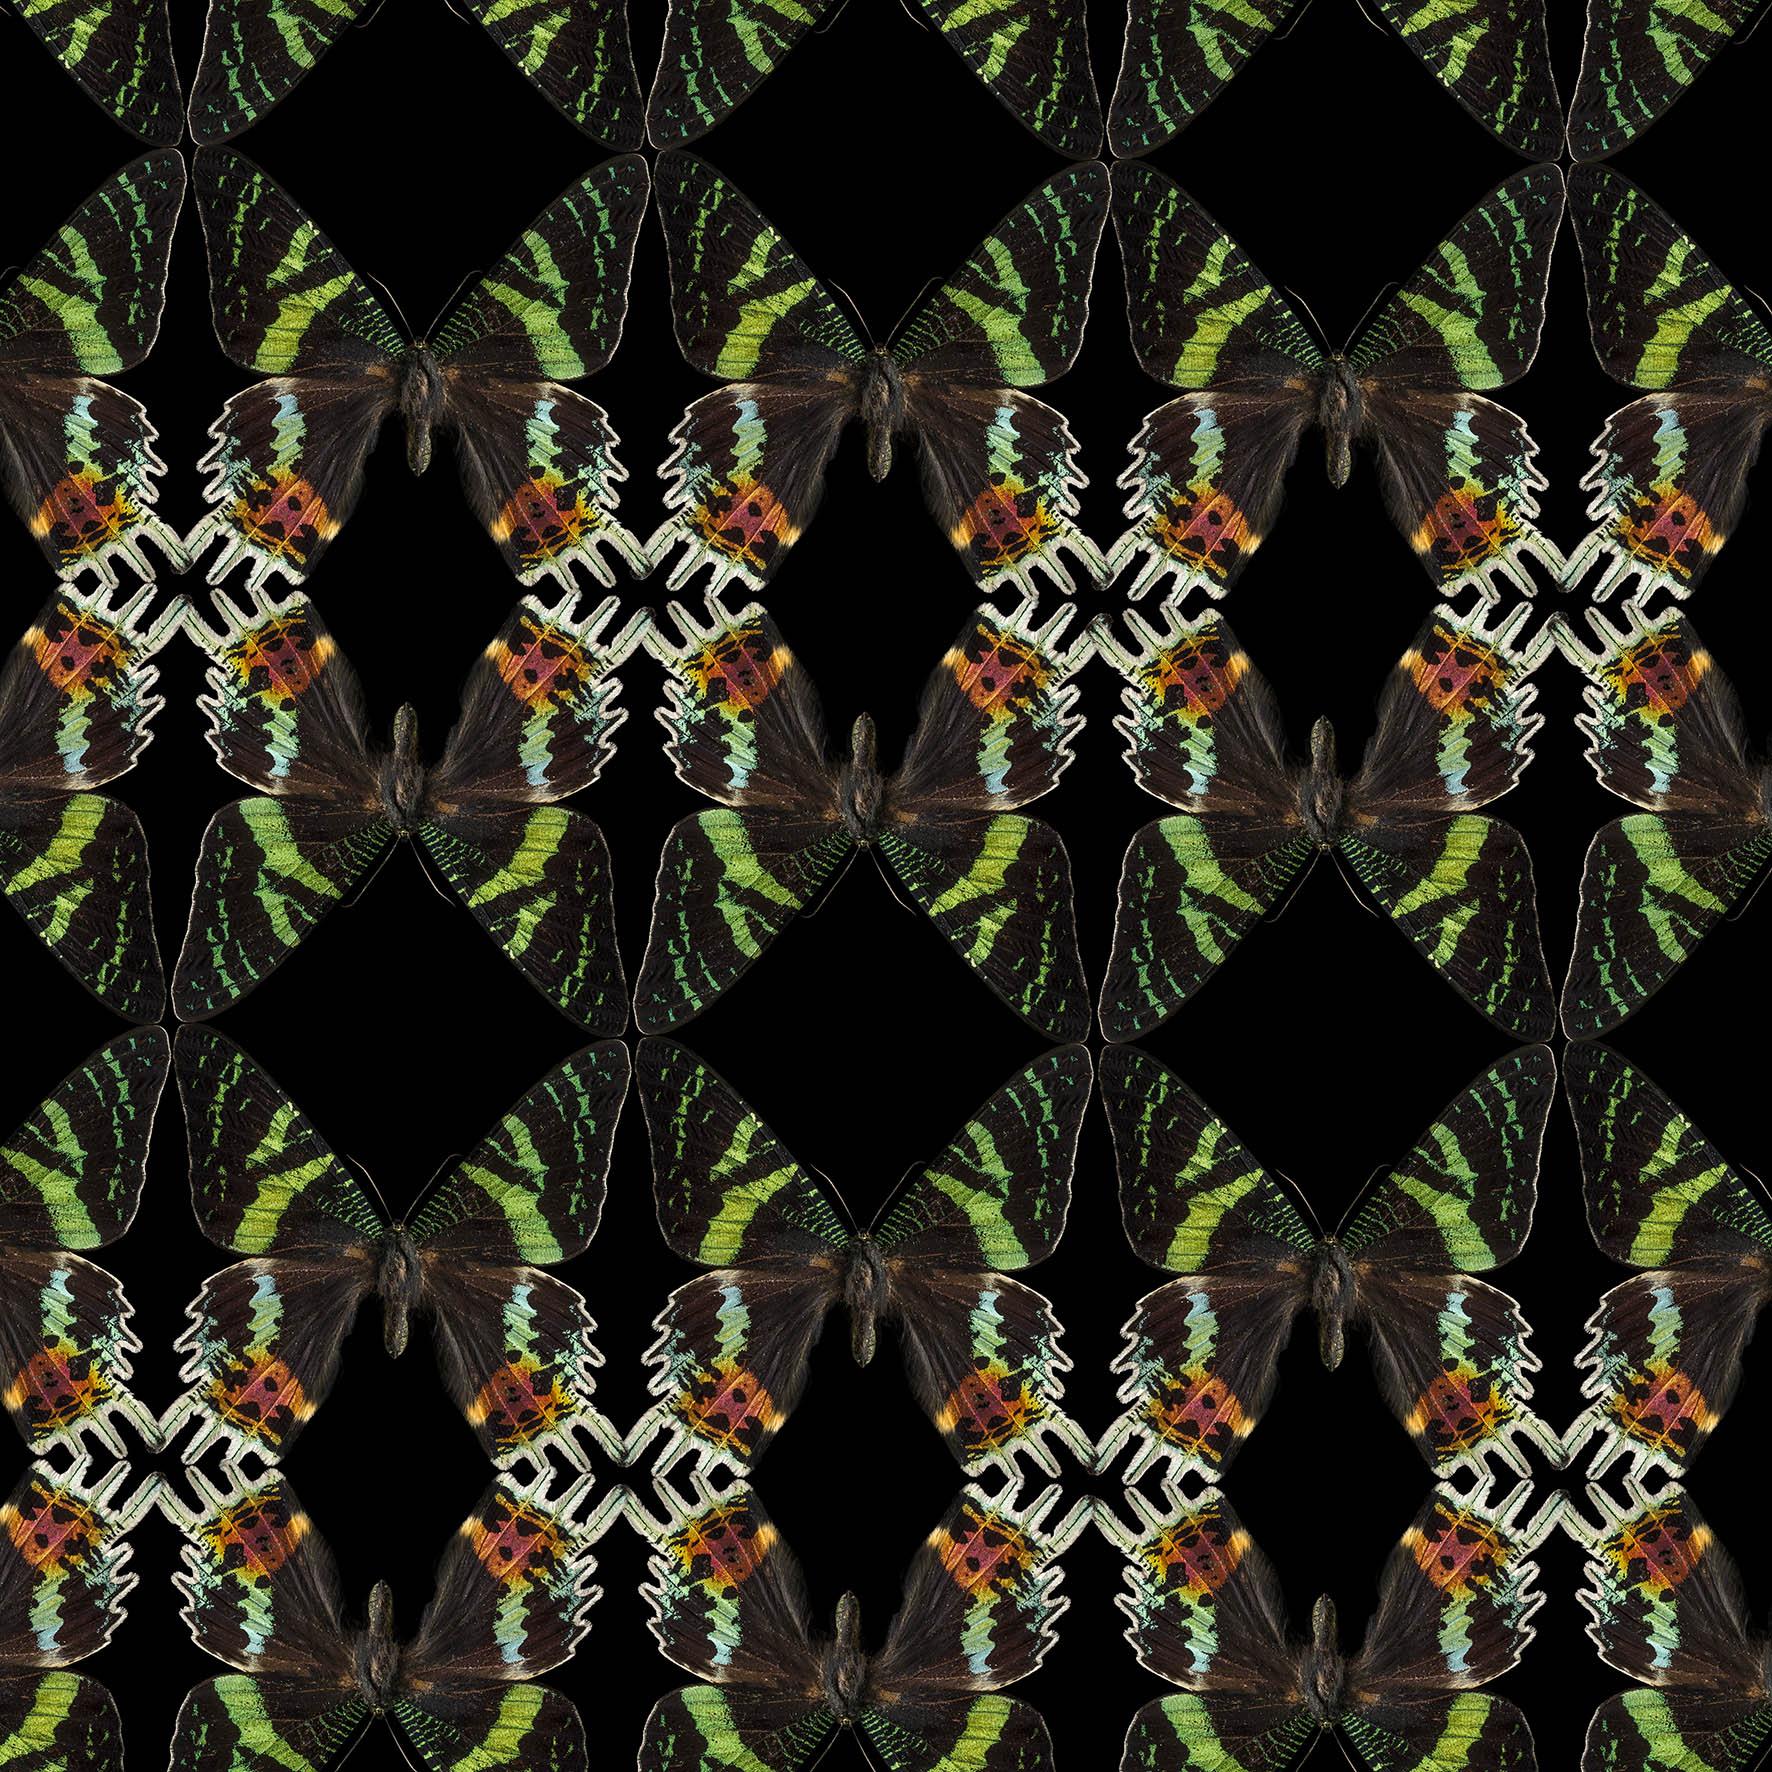 0037_Butterfly-black-green 102015-def.jpg